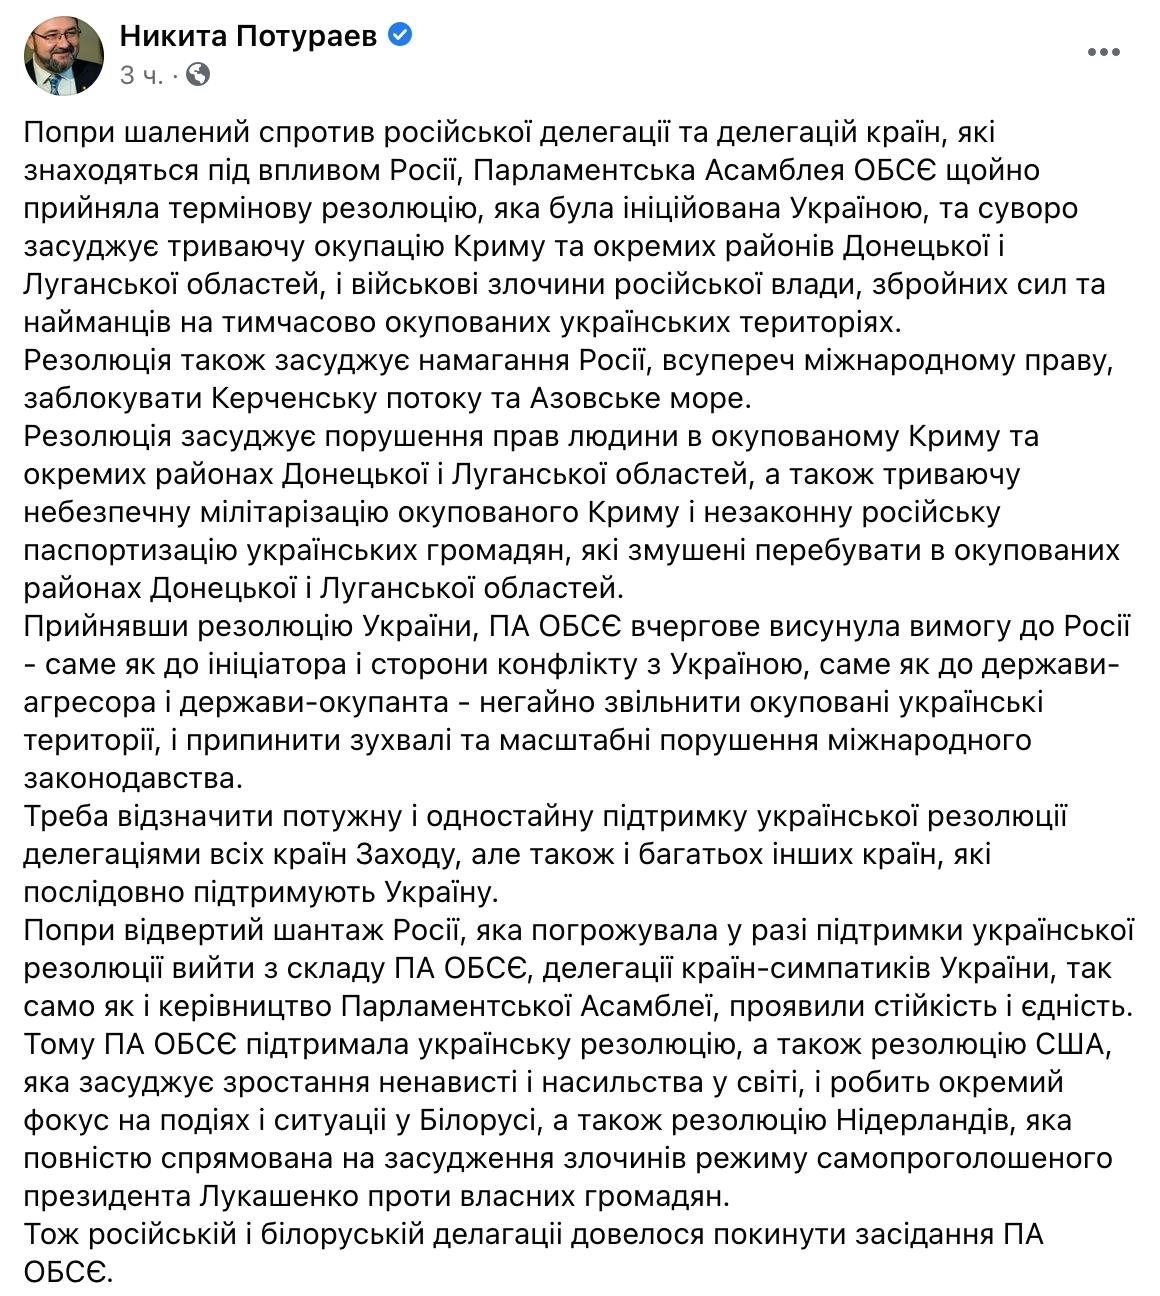 ПА ОБСЕ приняла украинскую резолюцию по Крыму и Донбассу: делегация РФ покинула заседание